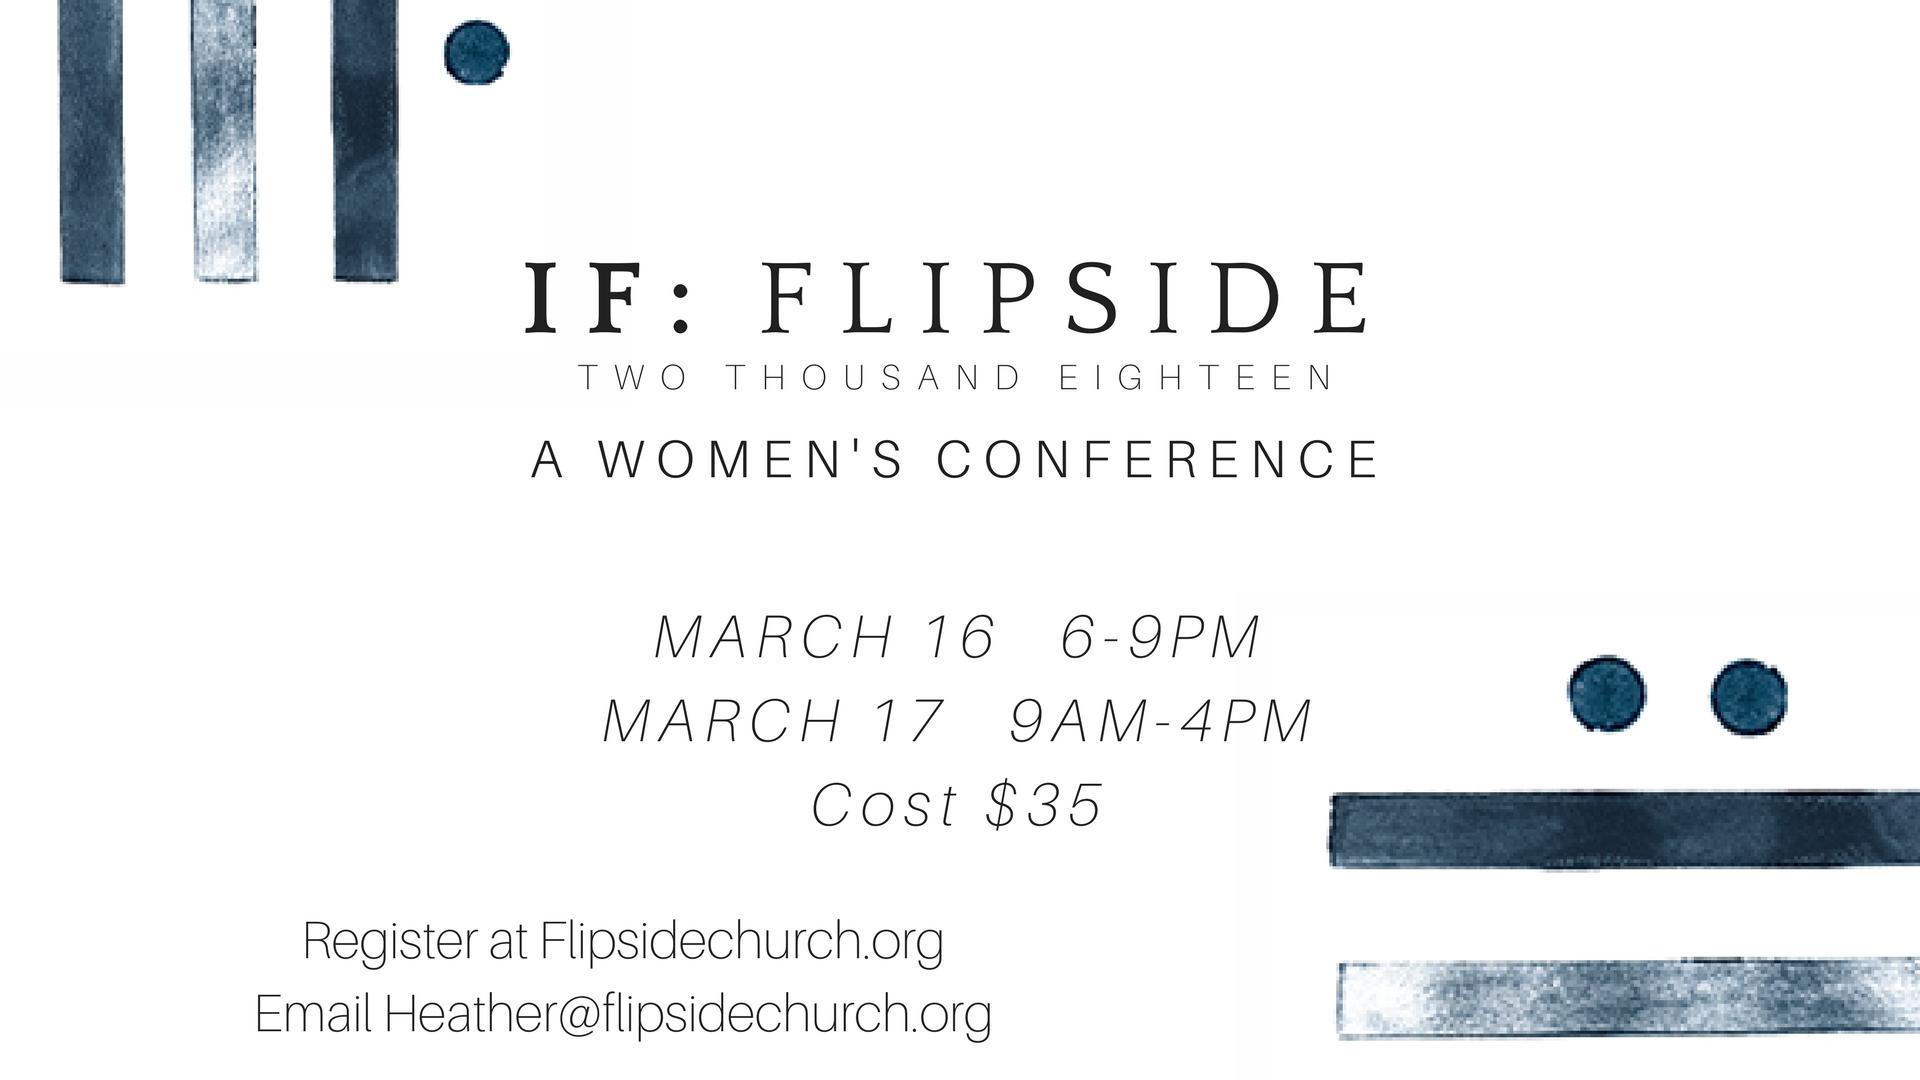 IF:Gathering Flipside logo